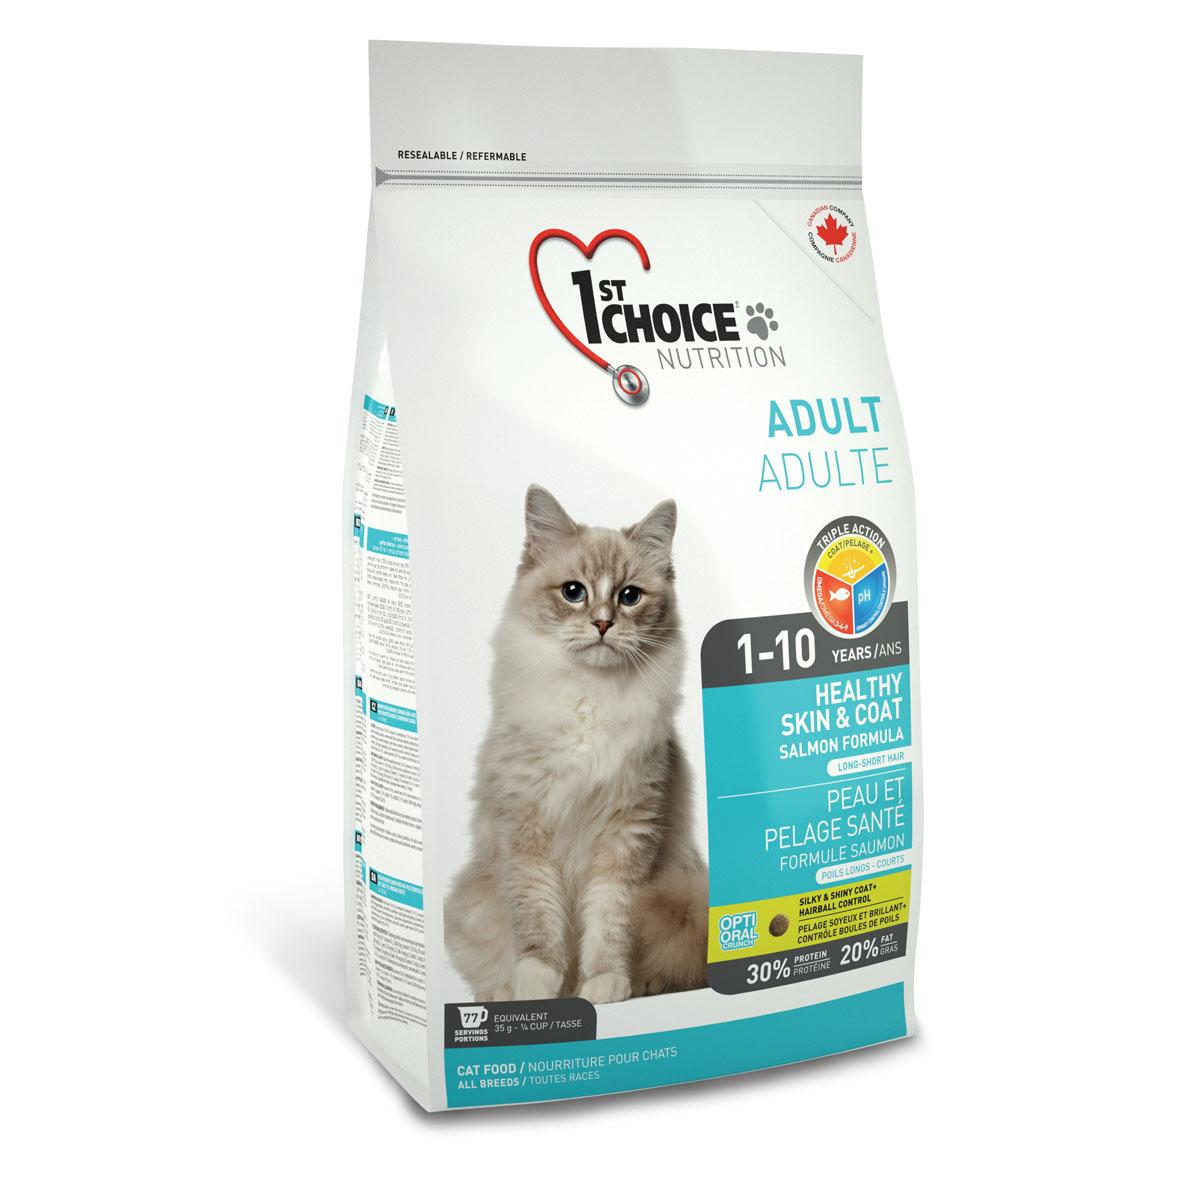 Корм сухой 1st Choice Adult для здоровья шерсти и кожи взрослых кошек, с лососем, 907 г